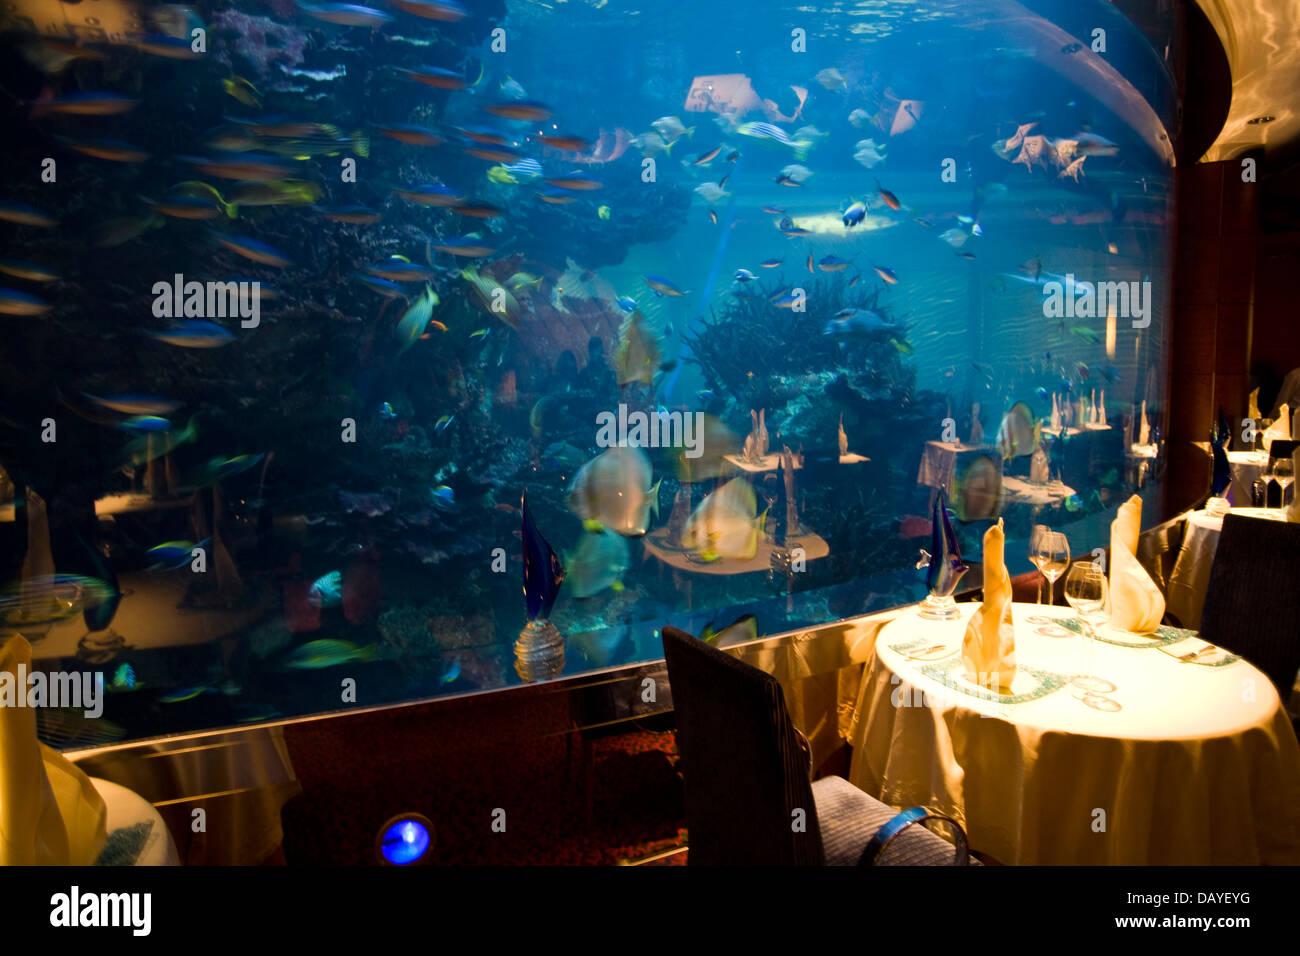 Burj Al Arab Hotel Restaurant Aquarium